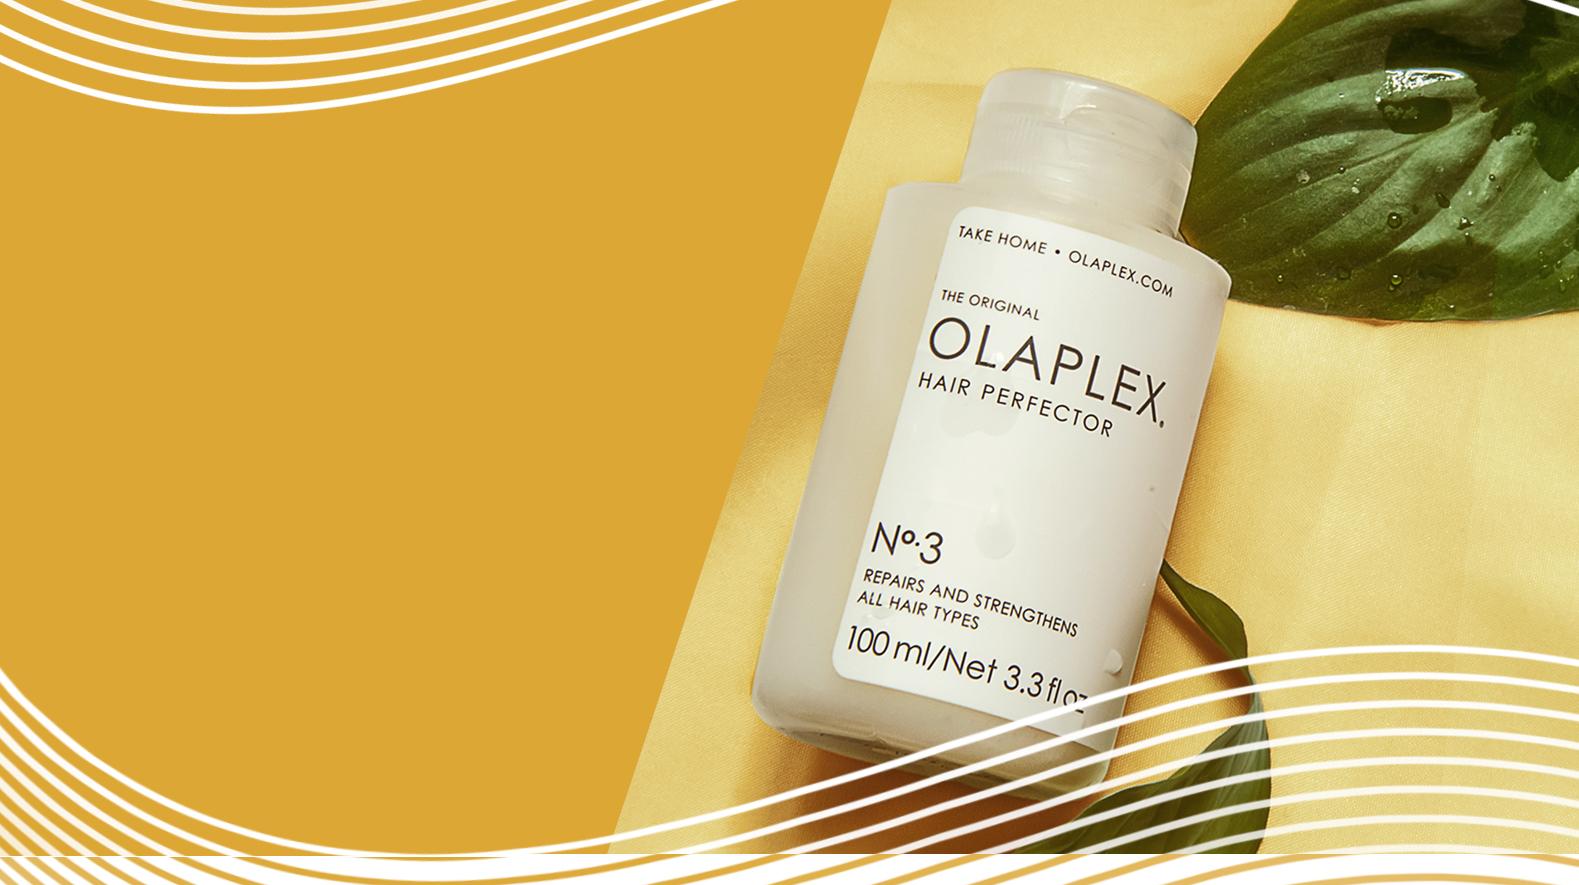 New Olaplex Header Tablet